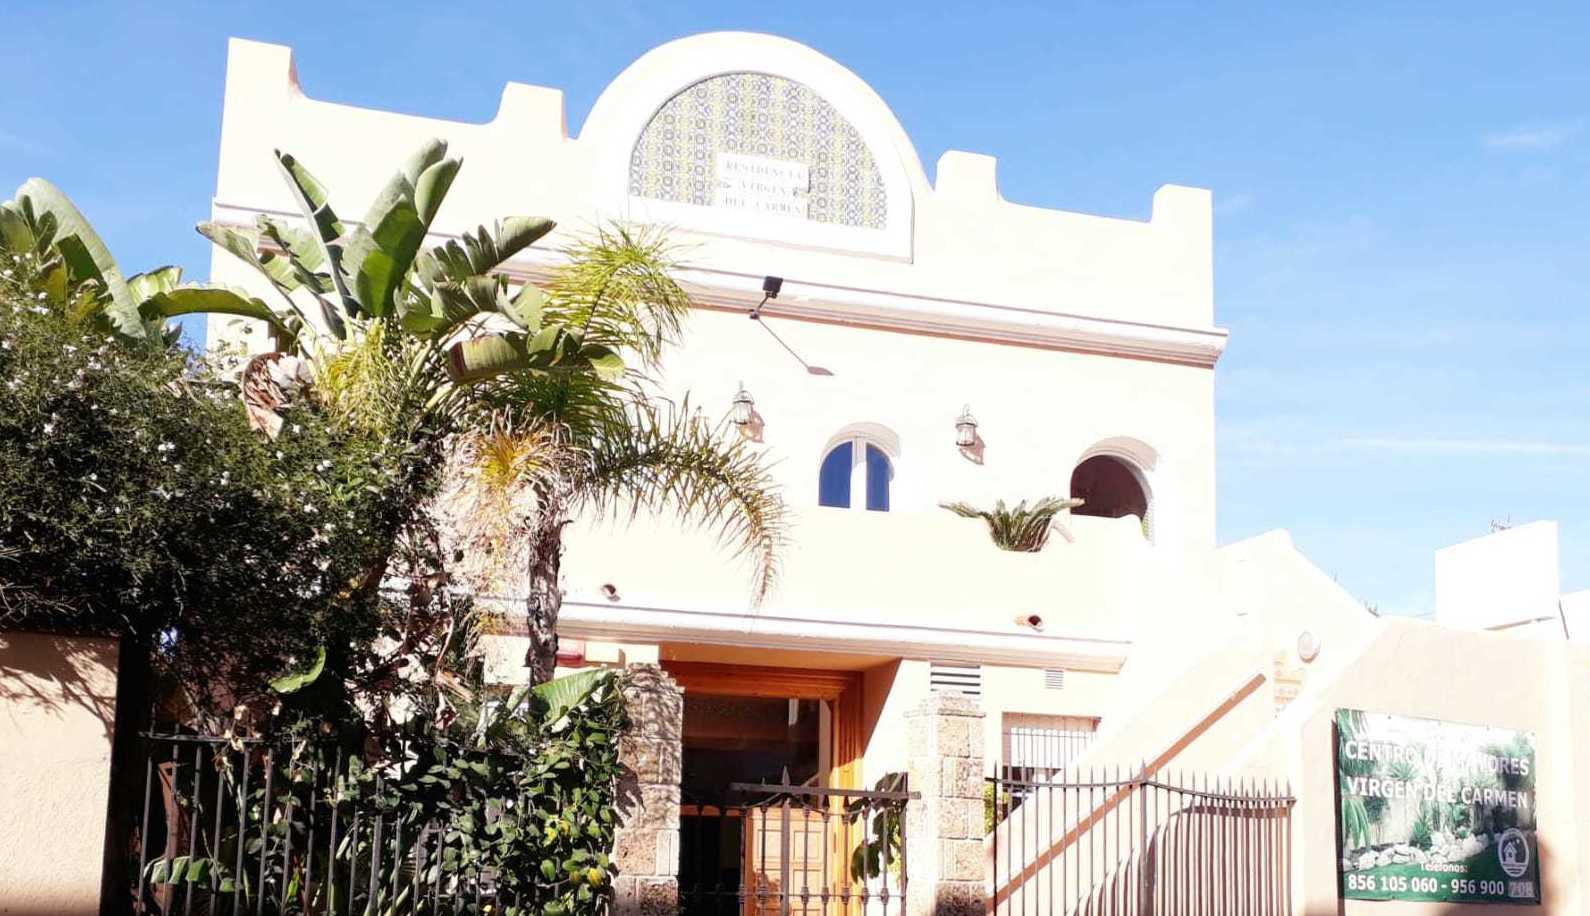 Foto 1 de Residencias geriátricas en San Fernando | Casa de Mayores Virgen del Carmen